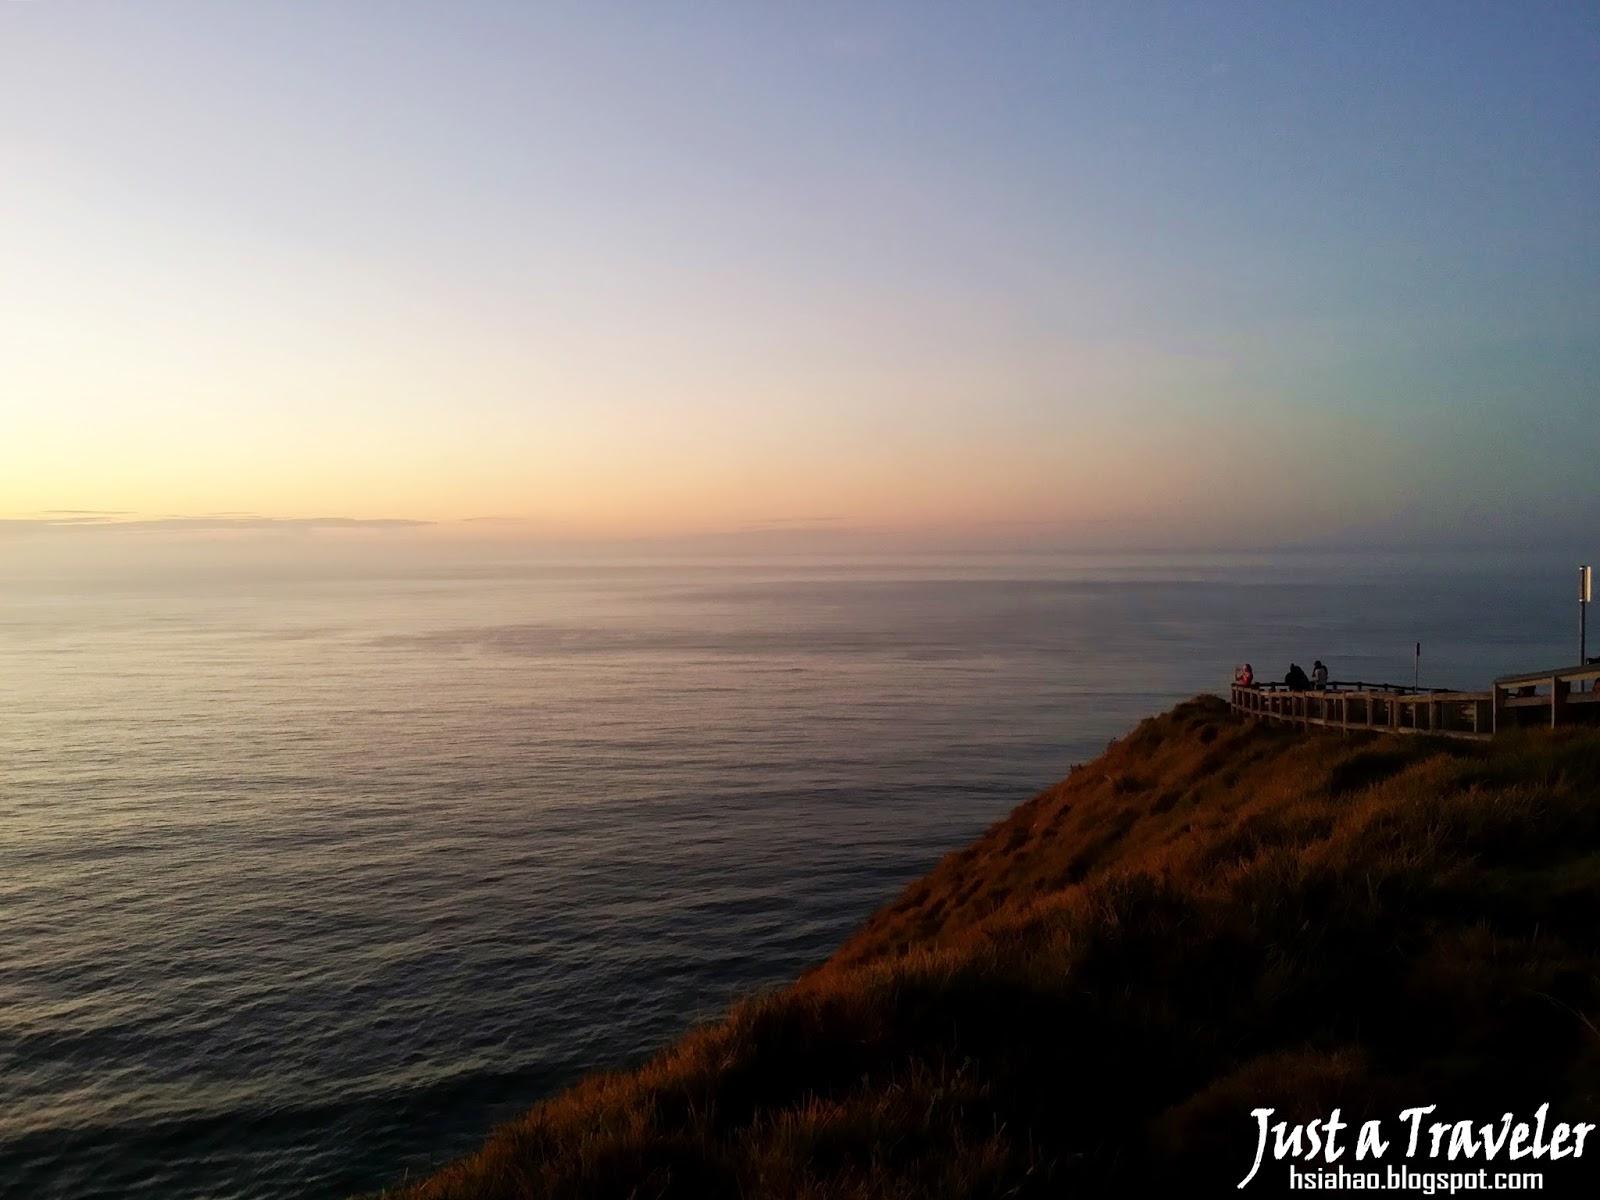 澳洲-推薦-景點-拜倫灣-Byron-Bay-遊記-燈塔-一日遊